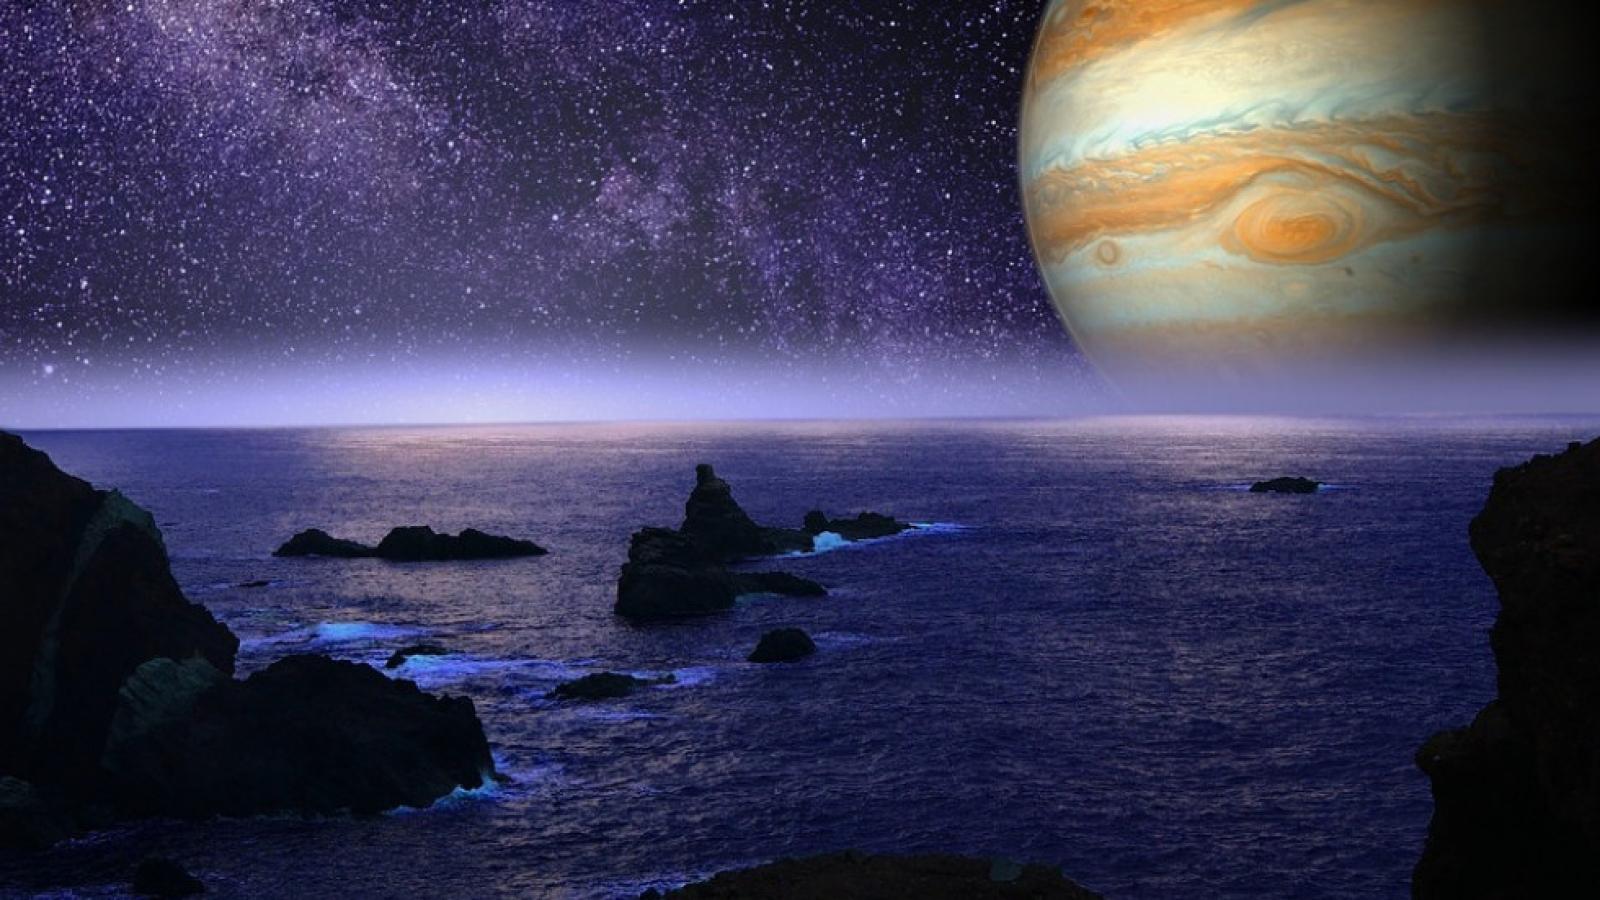 Phát hiện 24 hành tinh có thể phù hợp với sự sống hơn cả Trái Đất